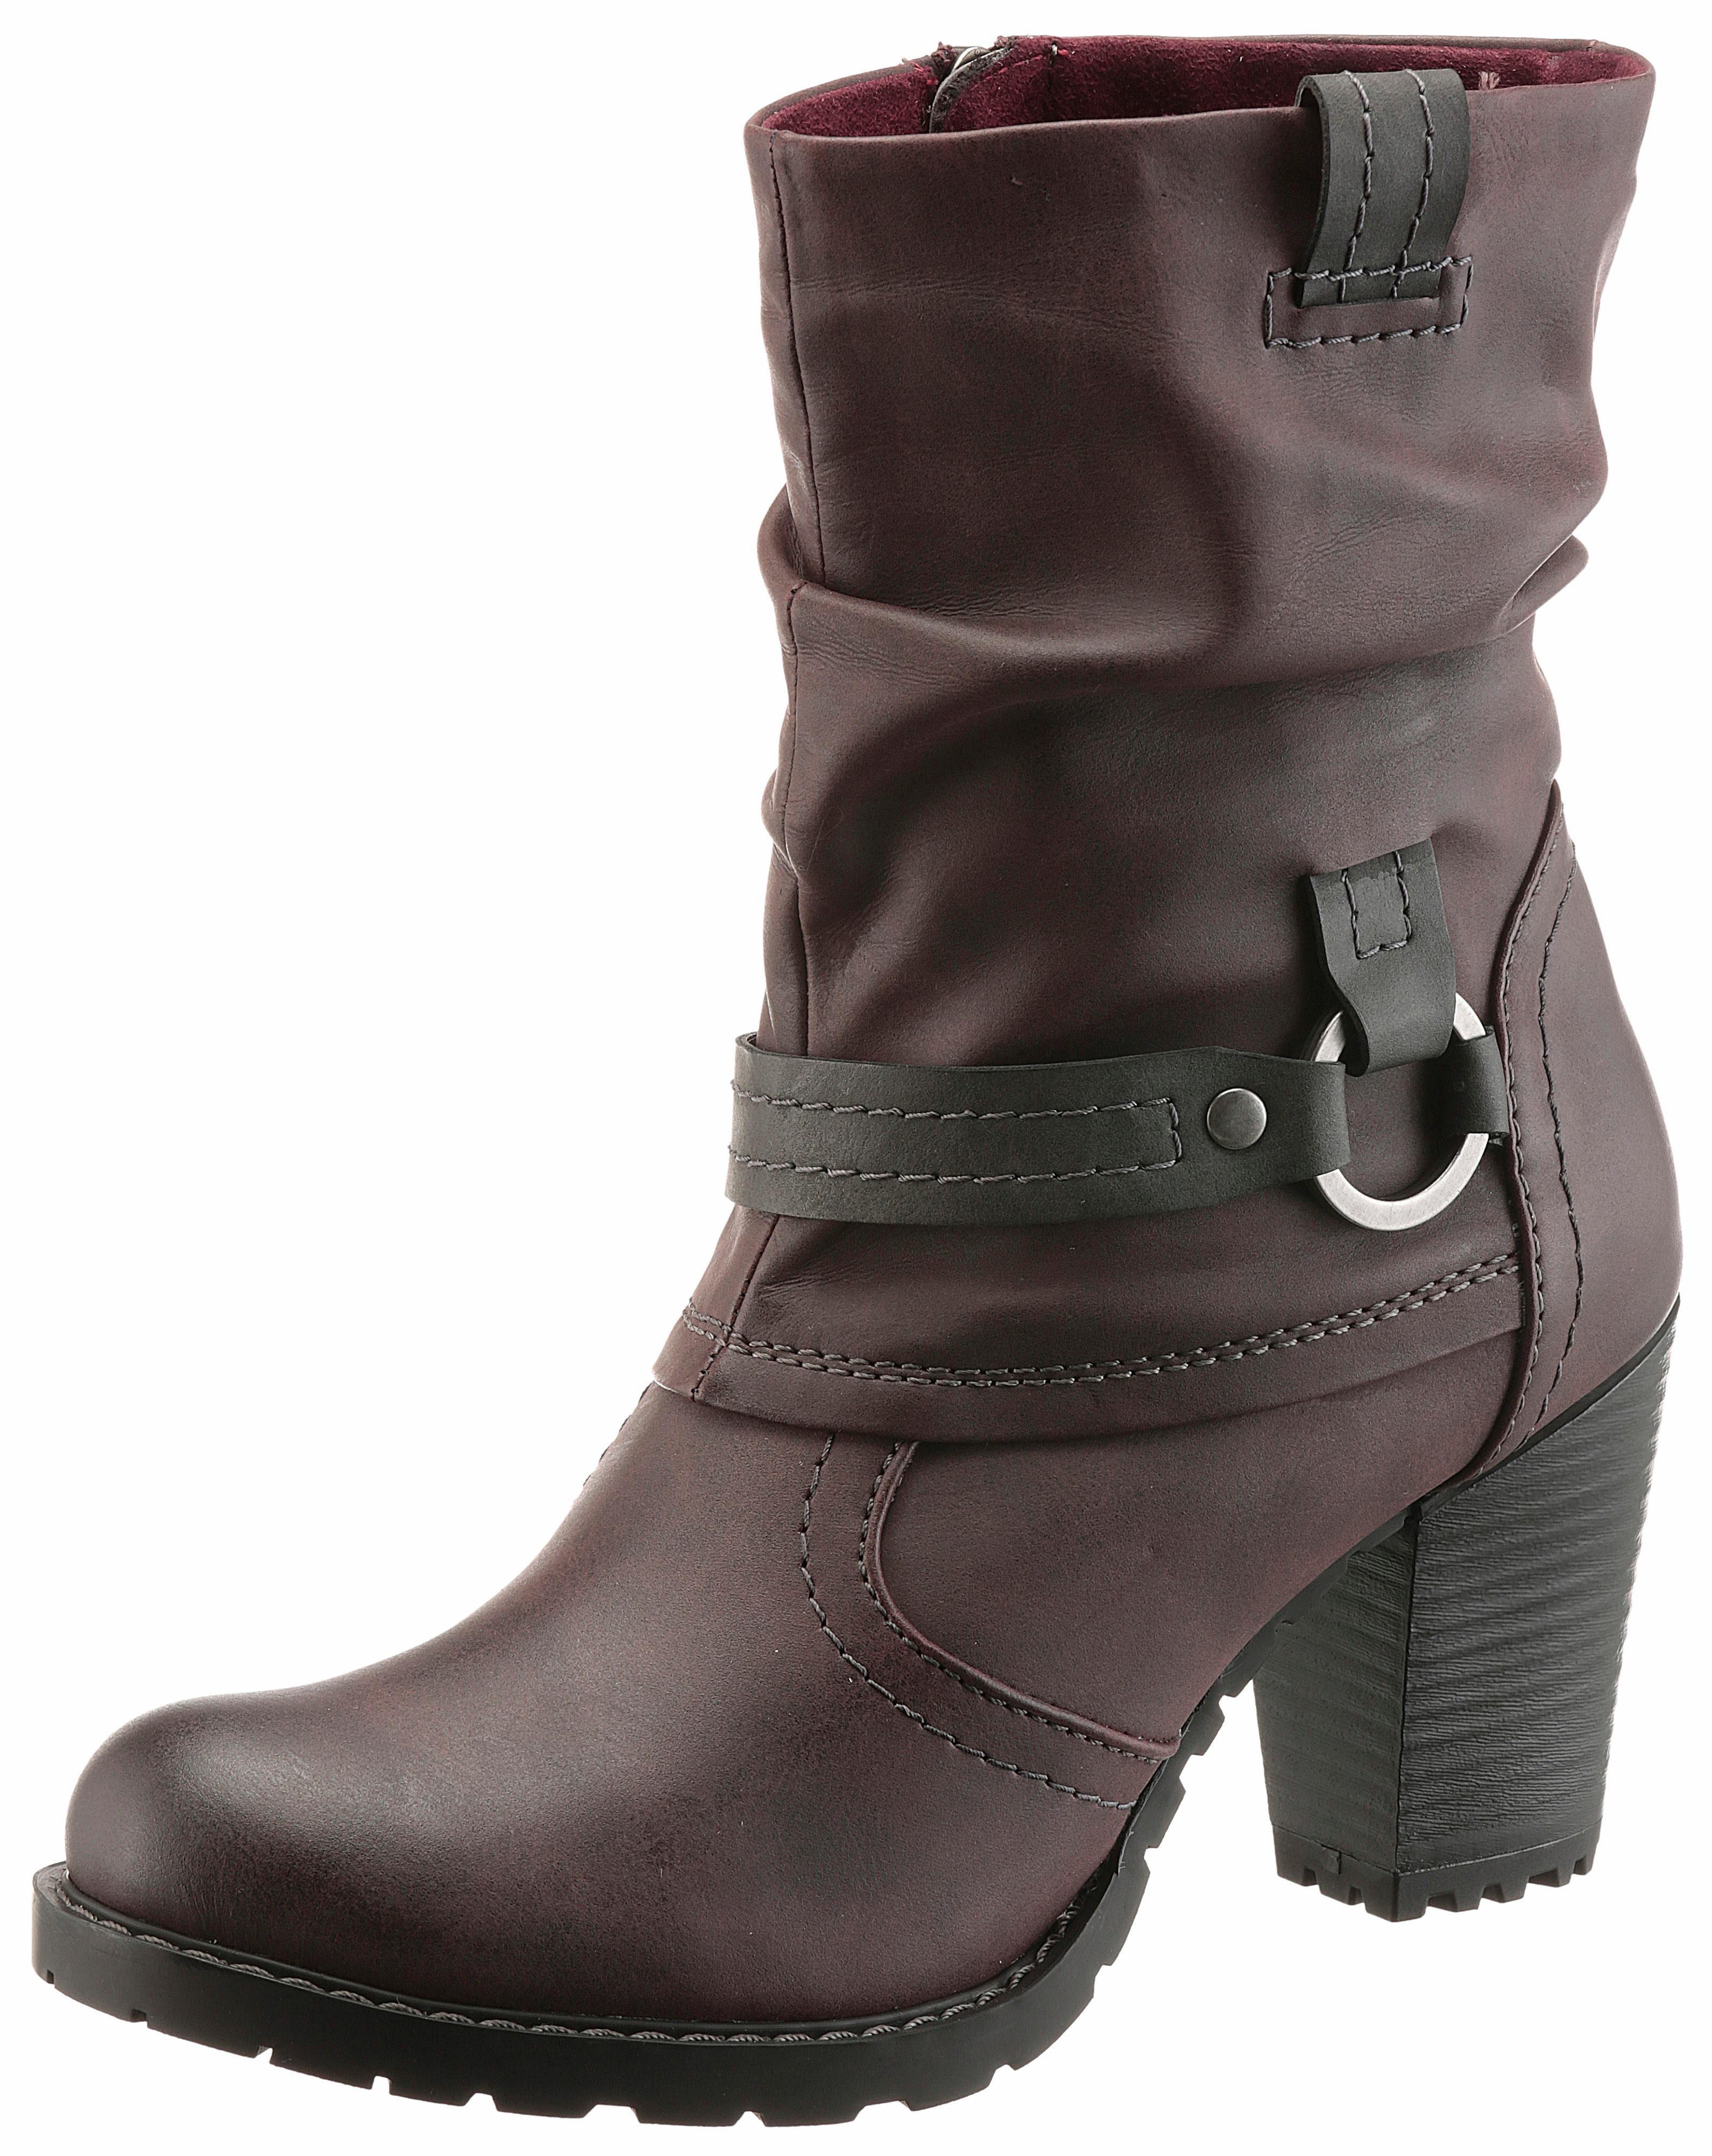 Tamaris Stiefelette, mit ergonomisch geformter Brandsohle, schwarz, EURO-Größen, schwarz